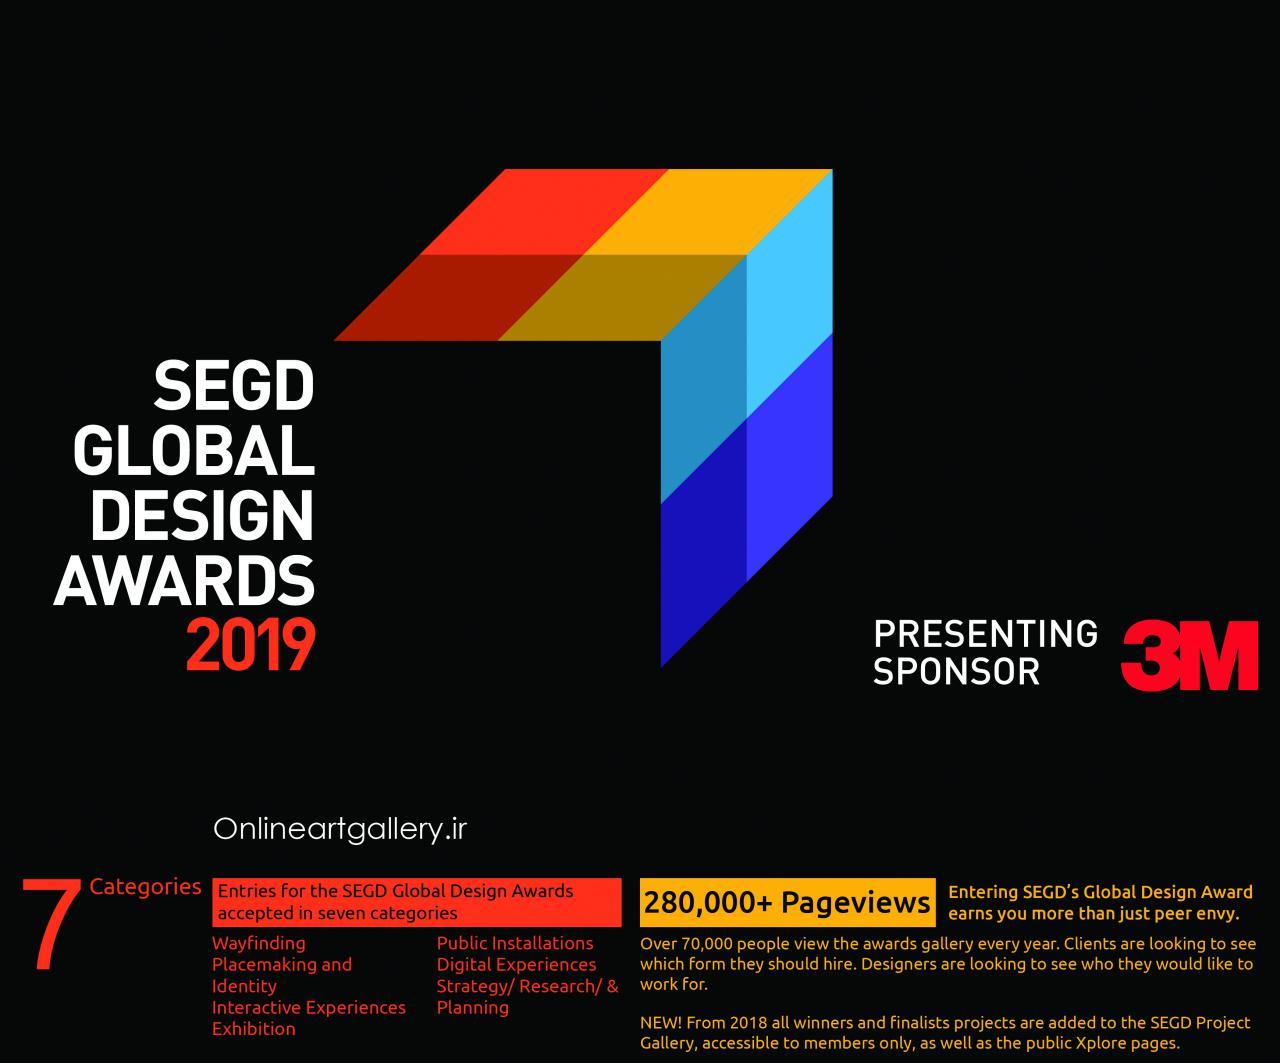 فراخوان رقابت بین المللی طراحی SEGD